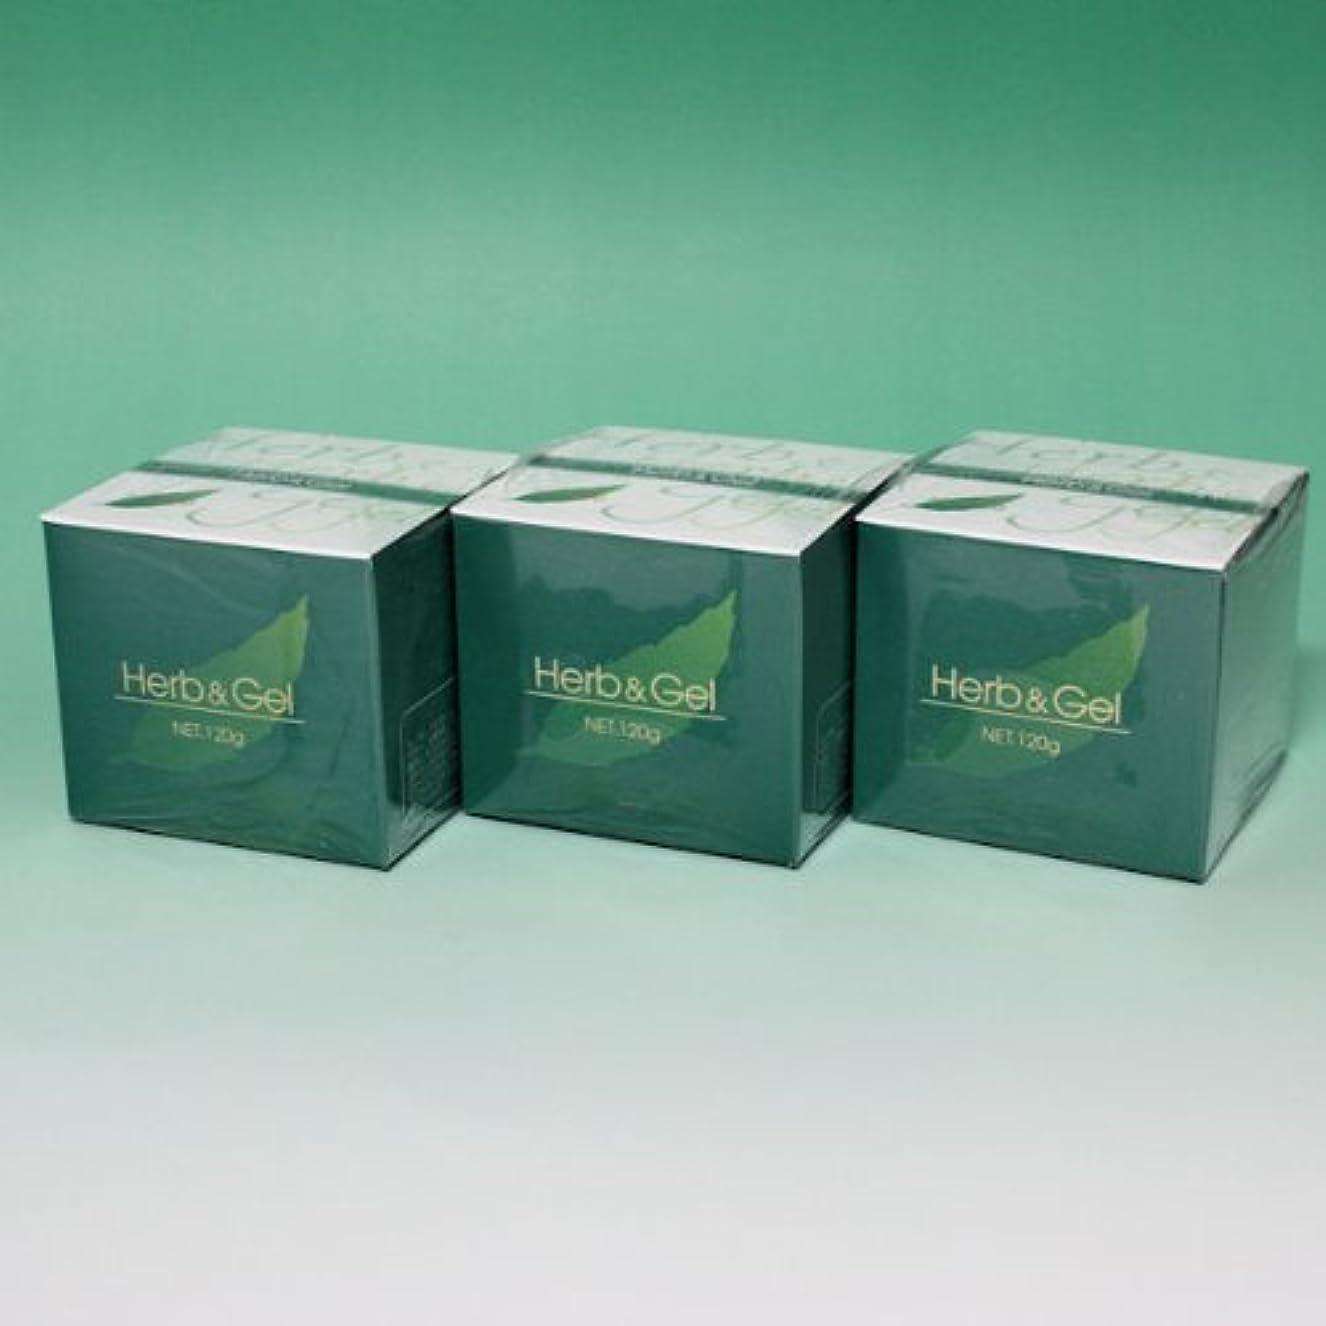 弱点いつも農業ハーブアンドゲル 天然ハーブエキス配合 120g×3瓶セット (4580109490026)